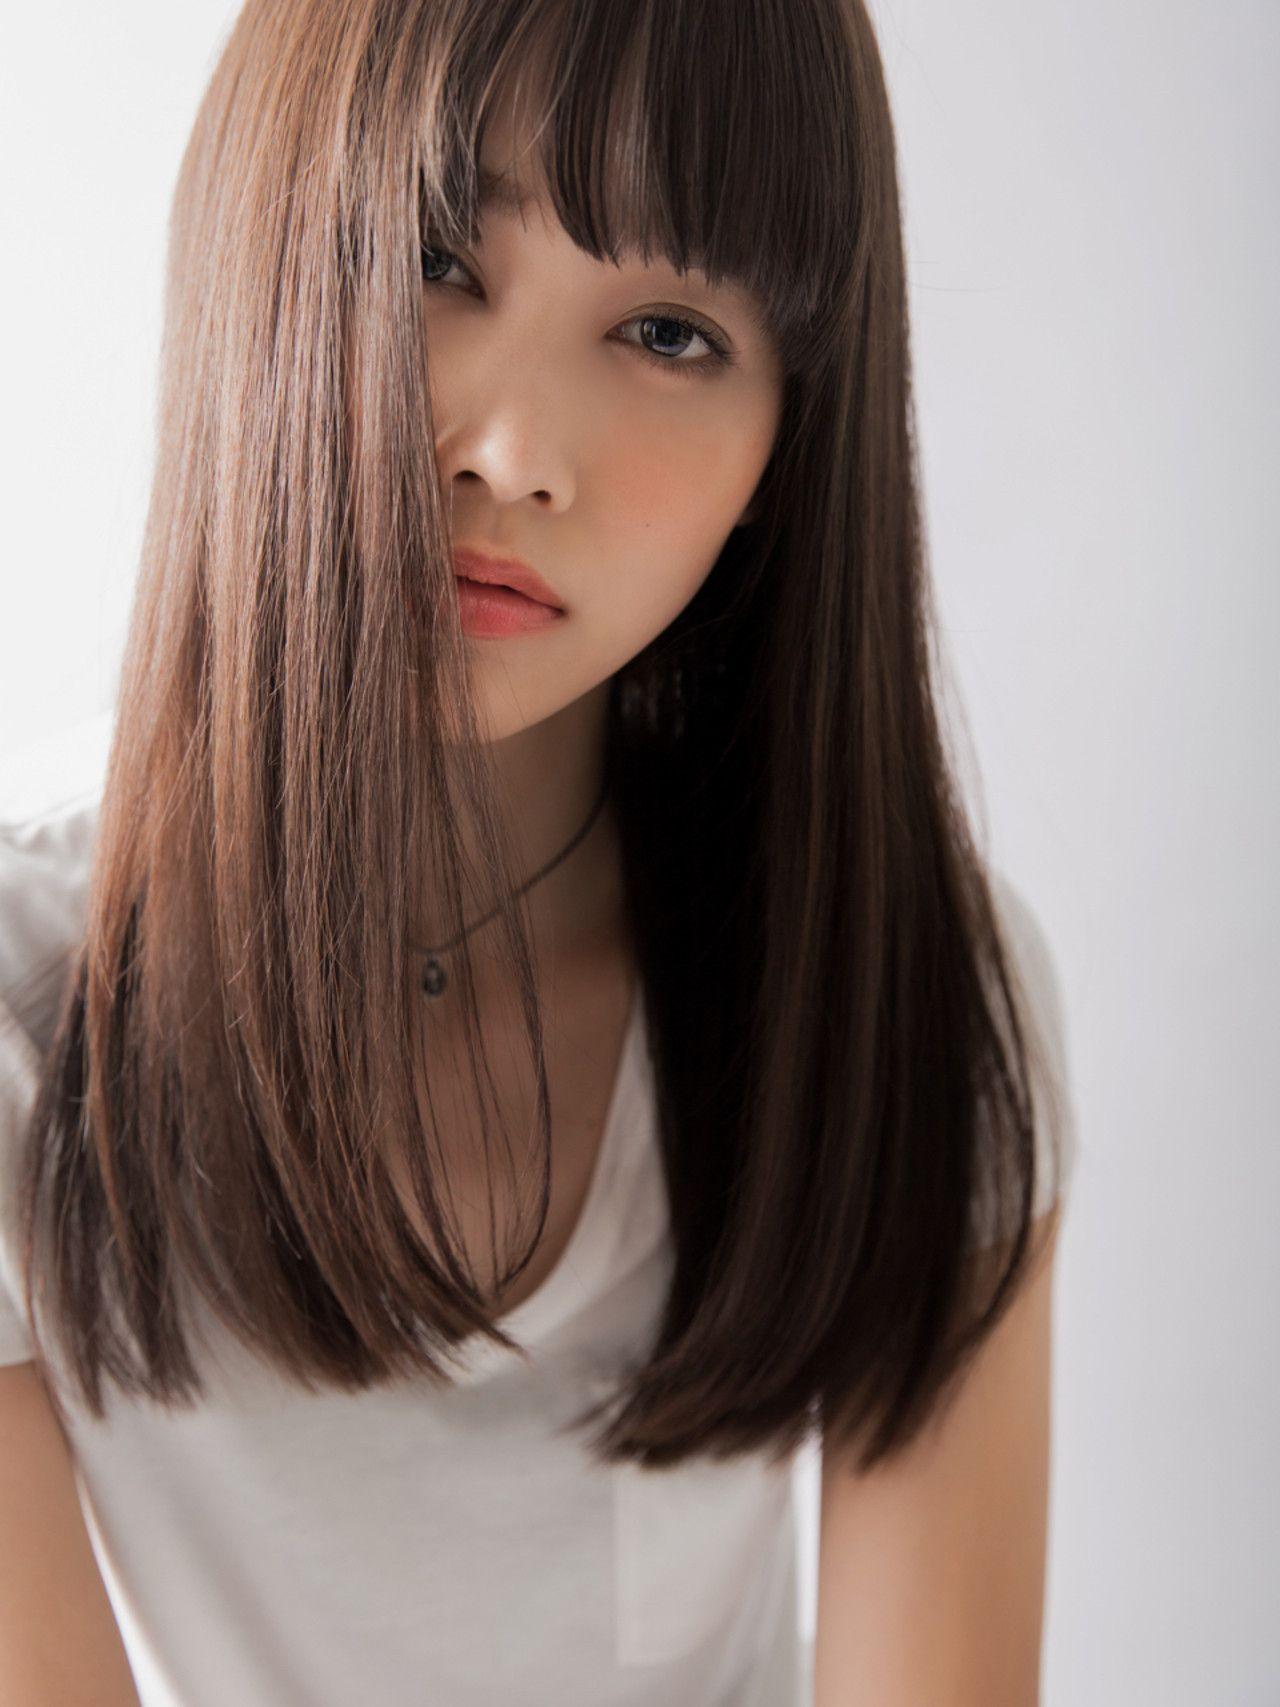 アラサーの魅力を倍増 大人のセミロングヘアカタログ ロングヘア 前髪 ロング ミディアムロング